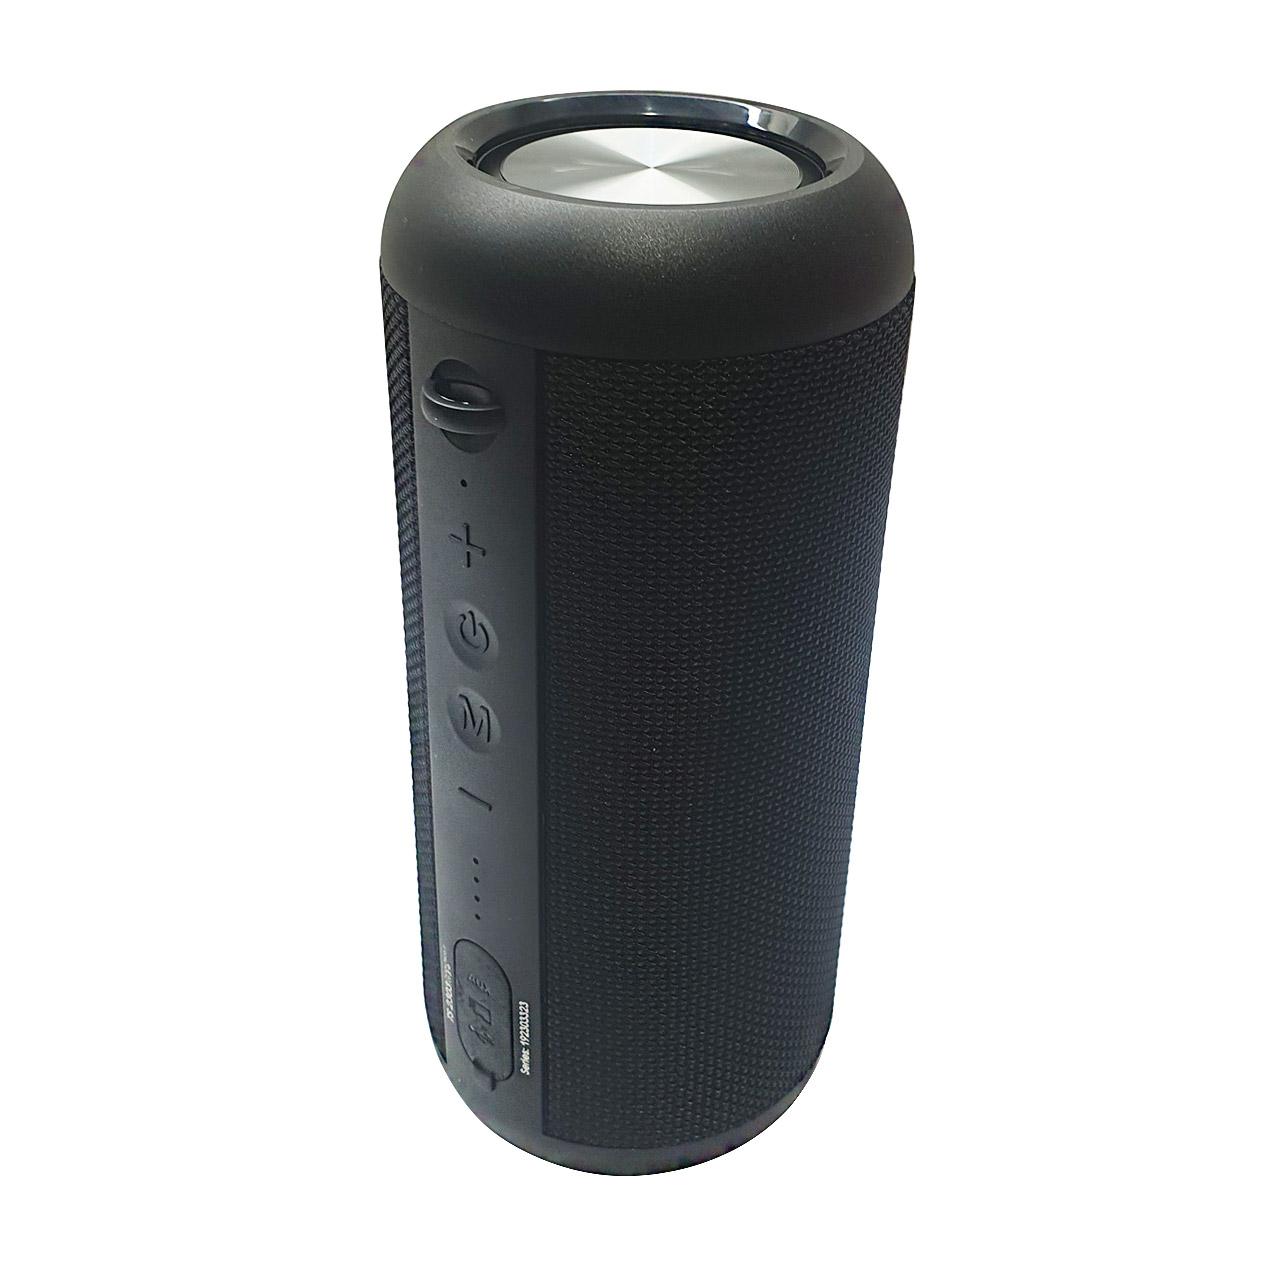 TSCO TS 2303 Portable Speaker